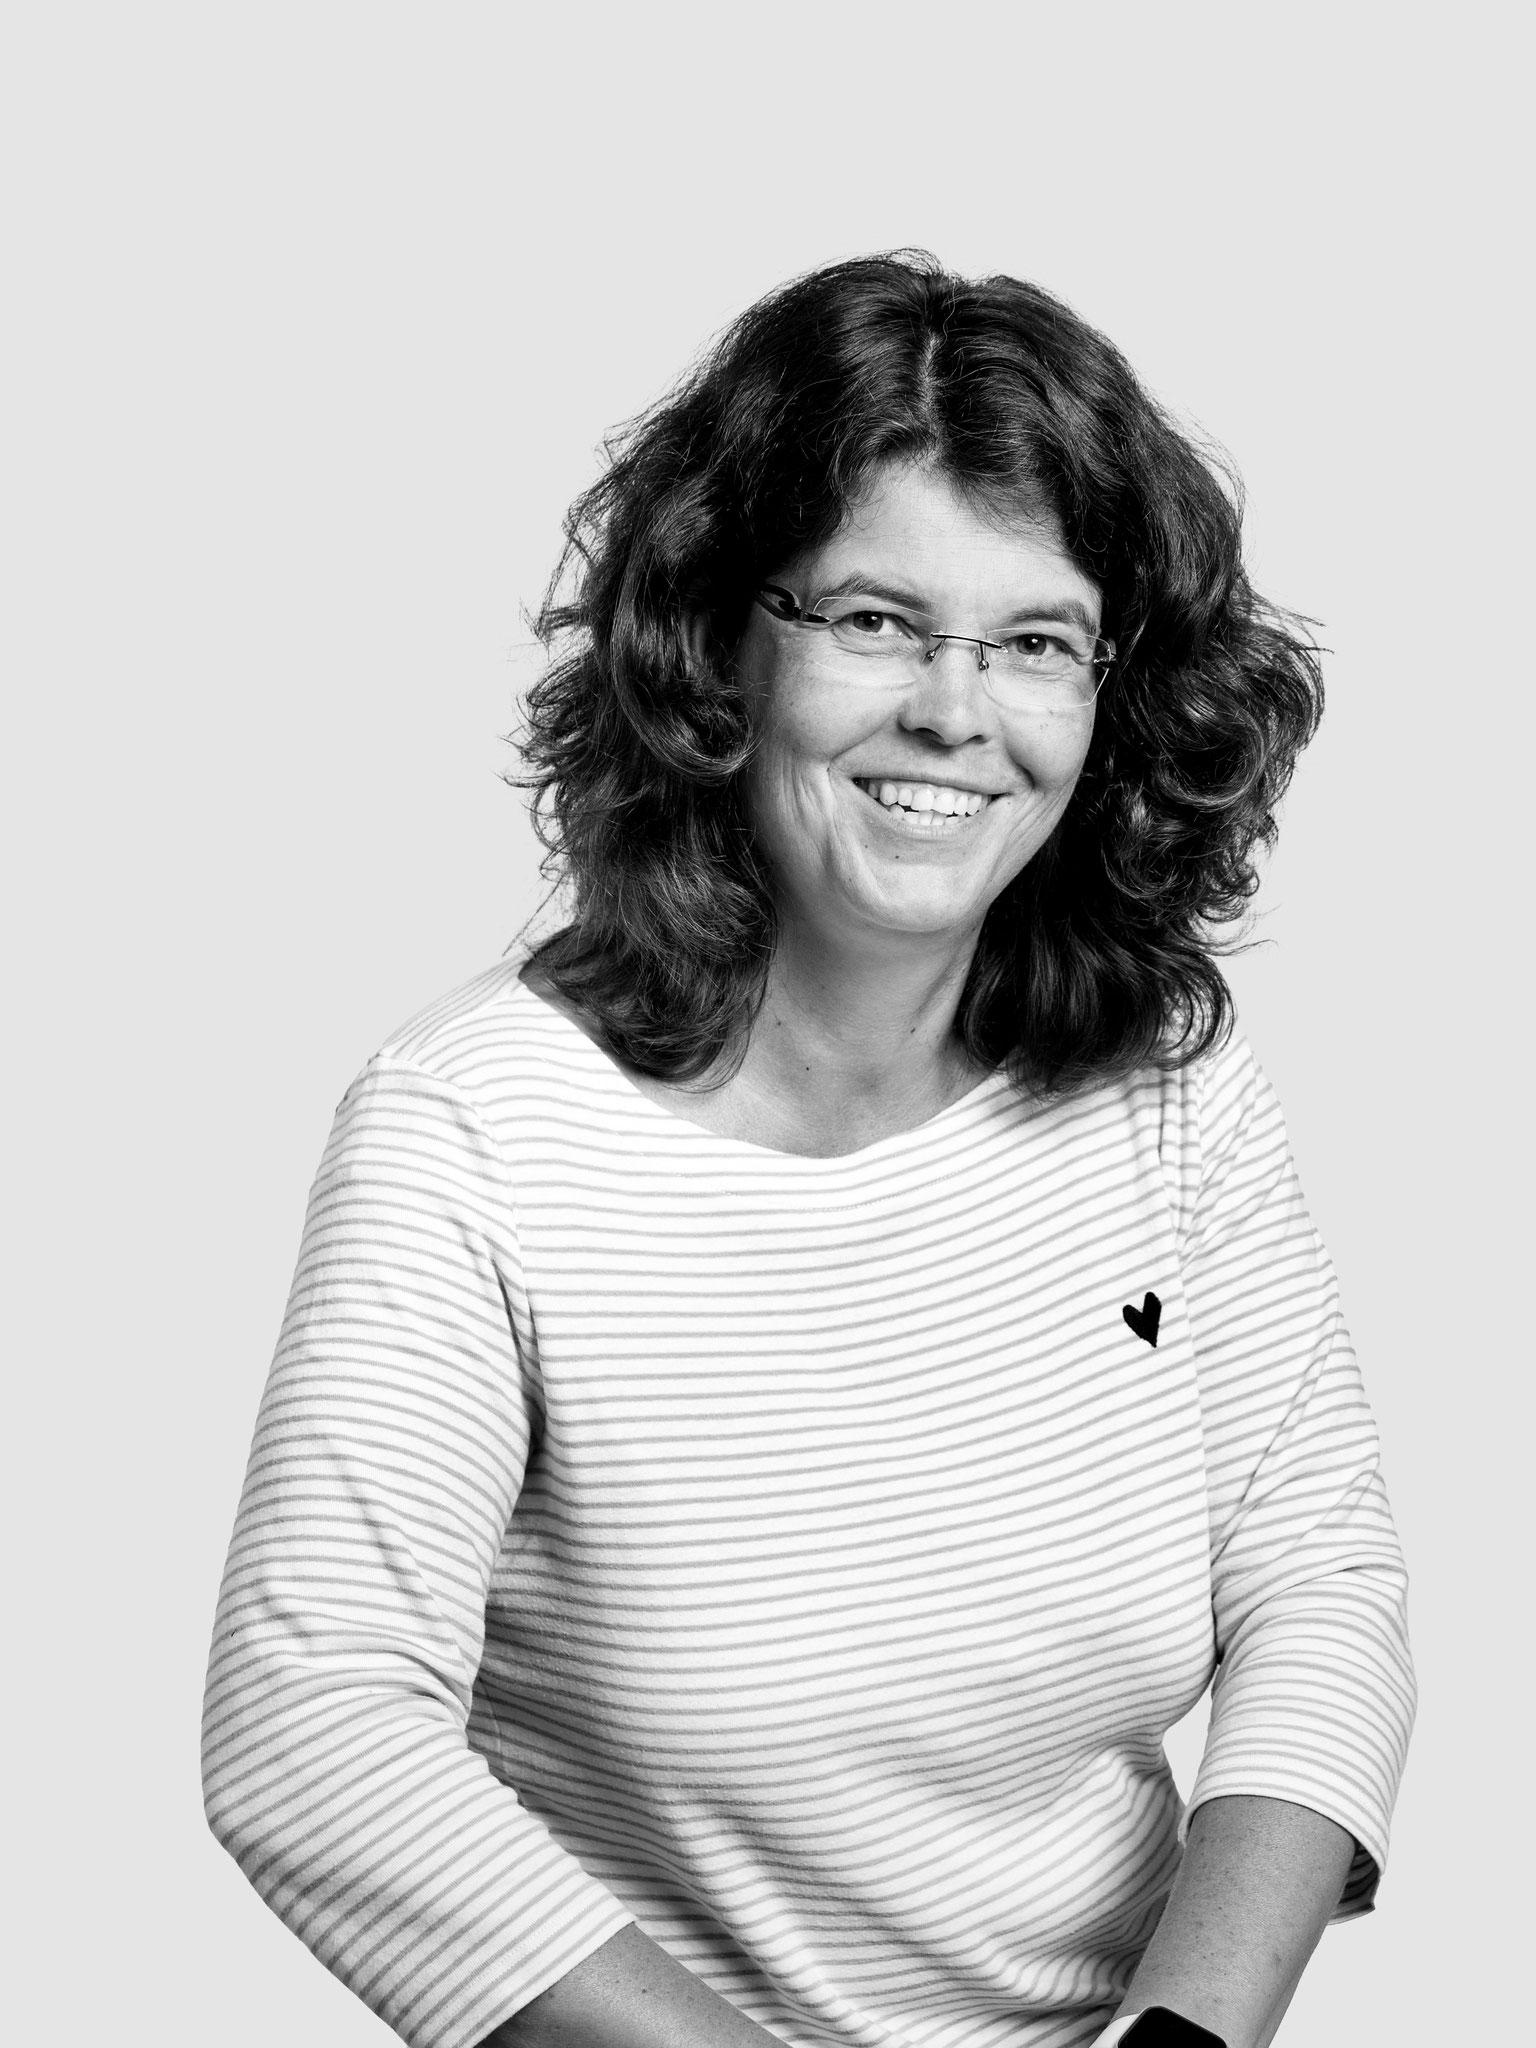 Nicole Hölscher